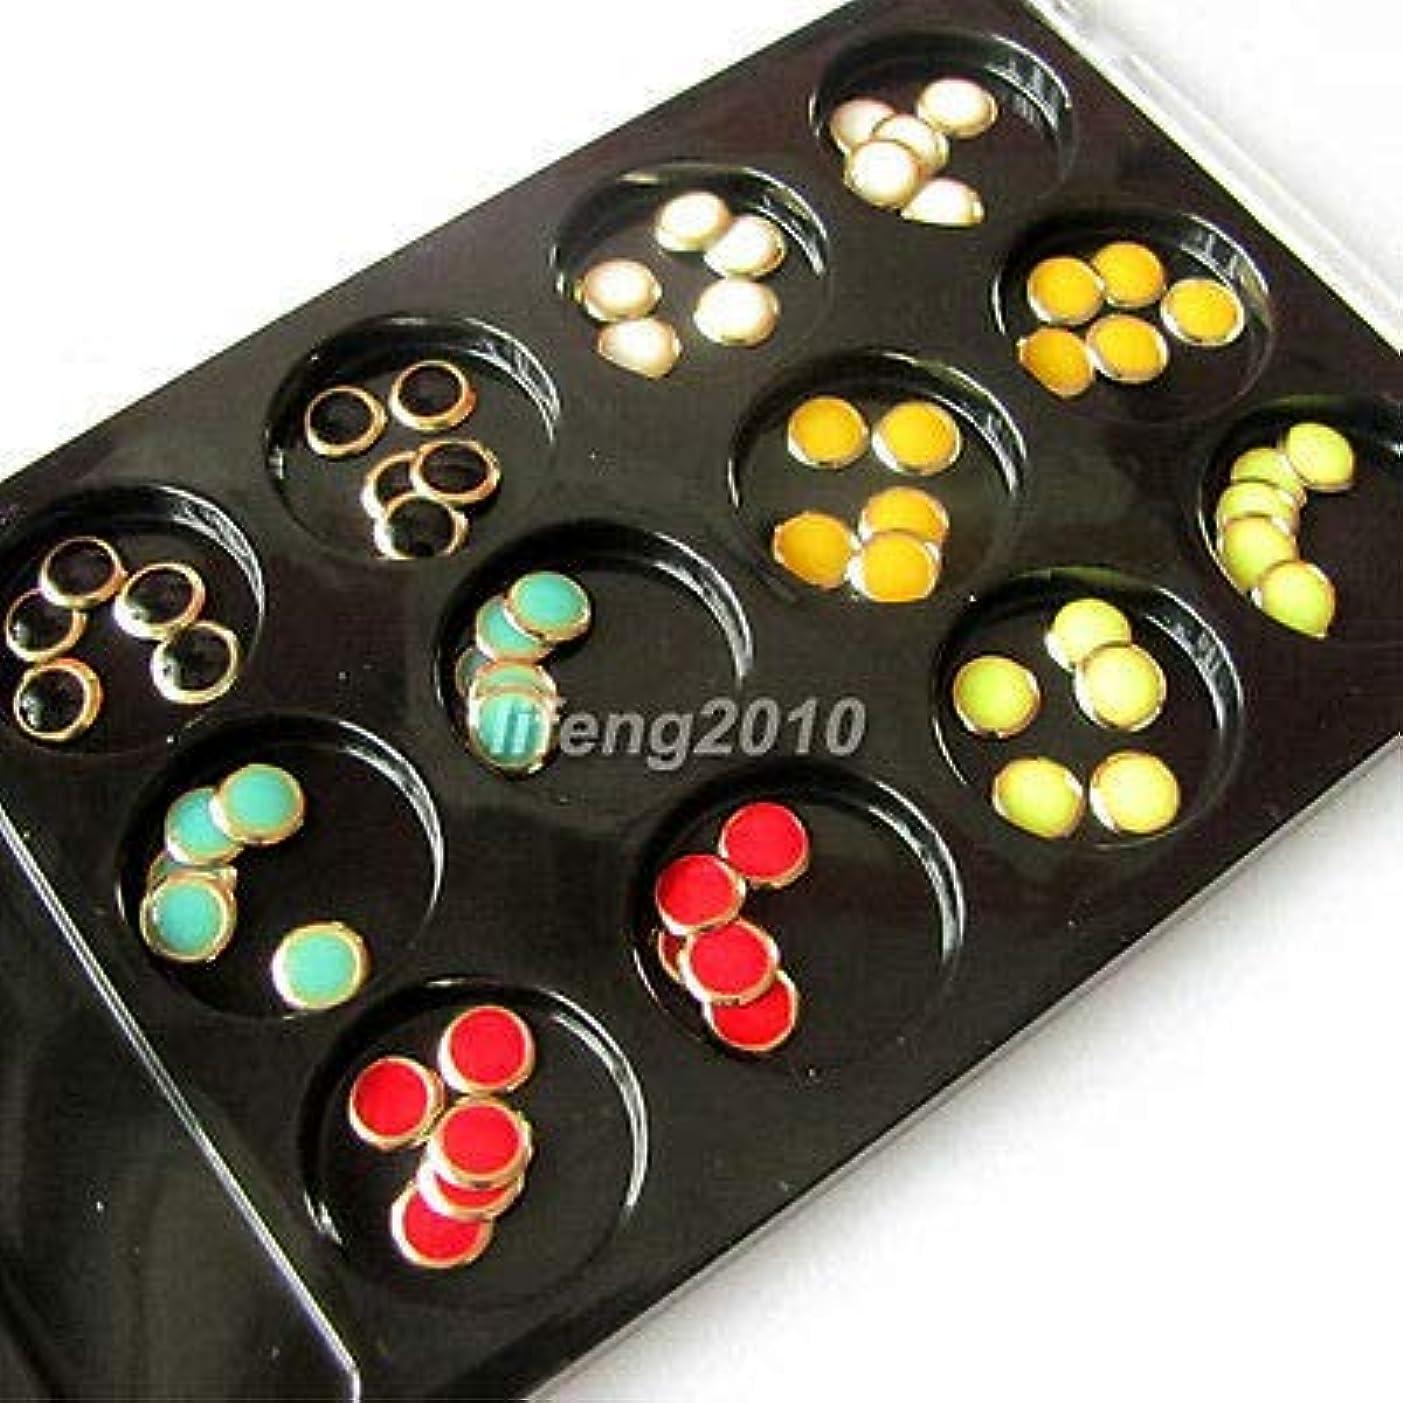 敬意エントリ震えFidgetGear 60個6色ラウンド3Dアクリルネイルアートのヒント携帯電話DIYの装飾NEW